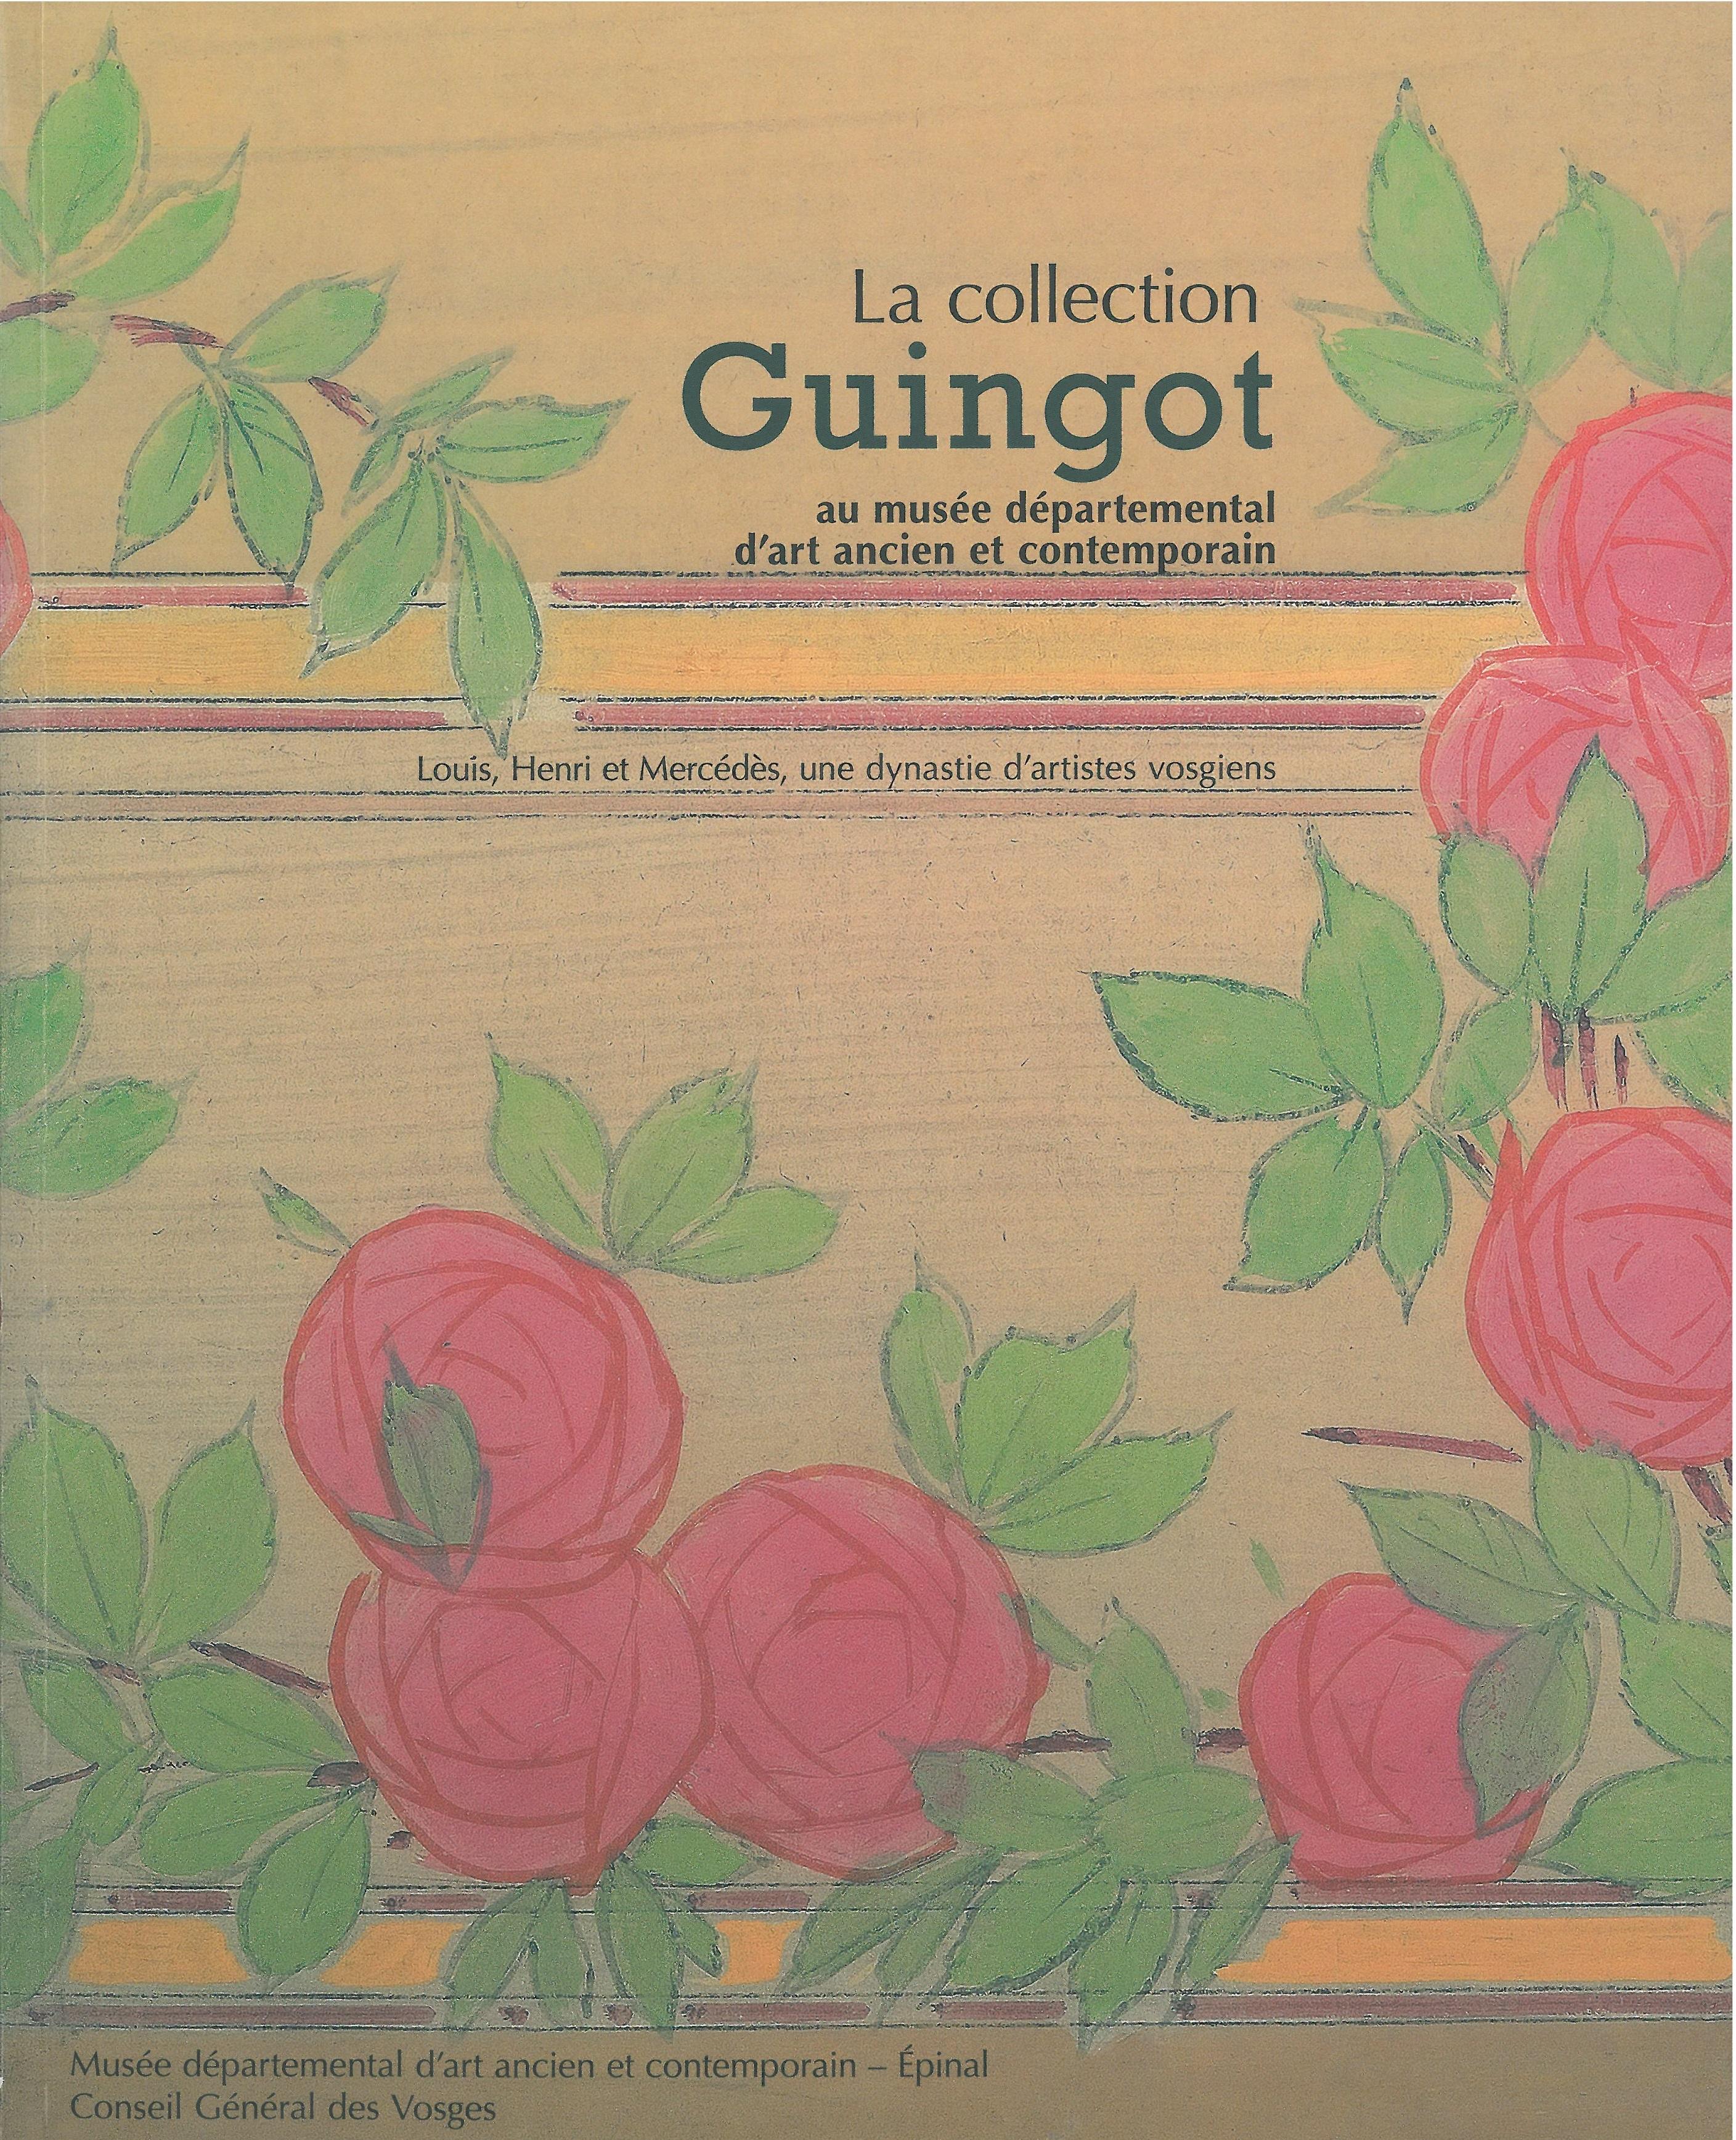 La collection Guingot 2009